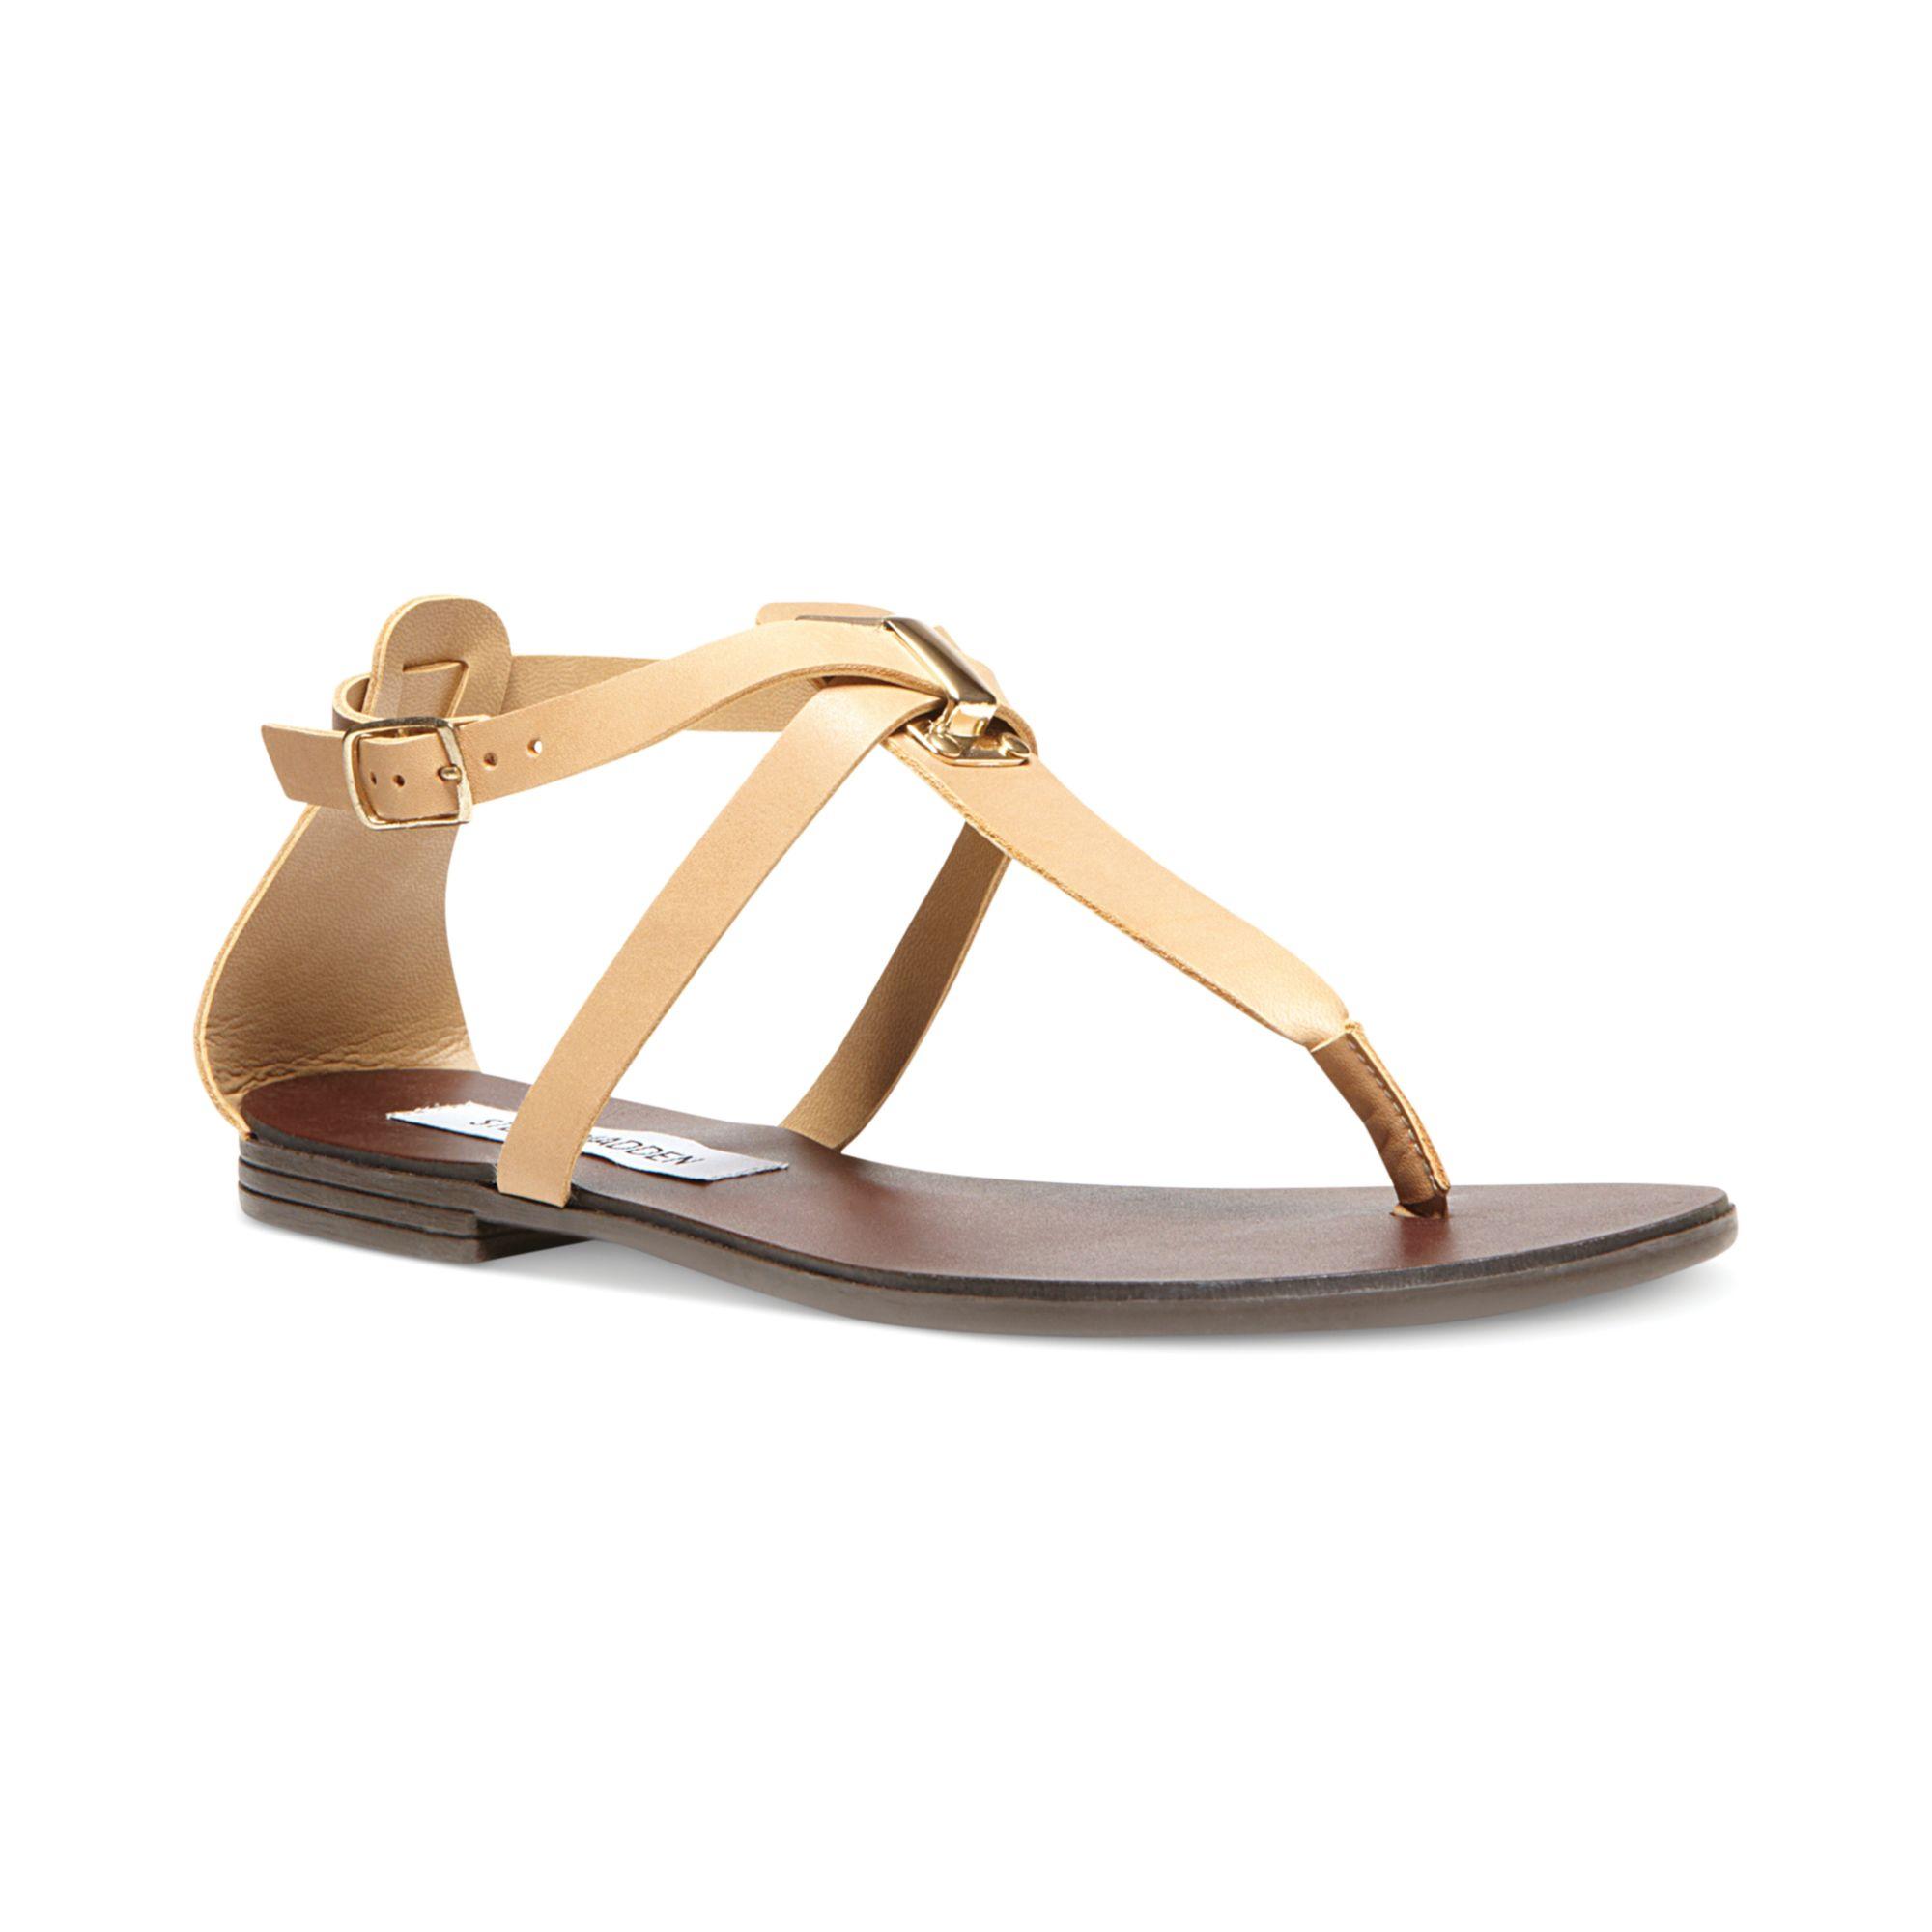 lyst steve madden kween flat thong sandals in natural. Black Bedroom Furniture Sets. Home Design Ideas